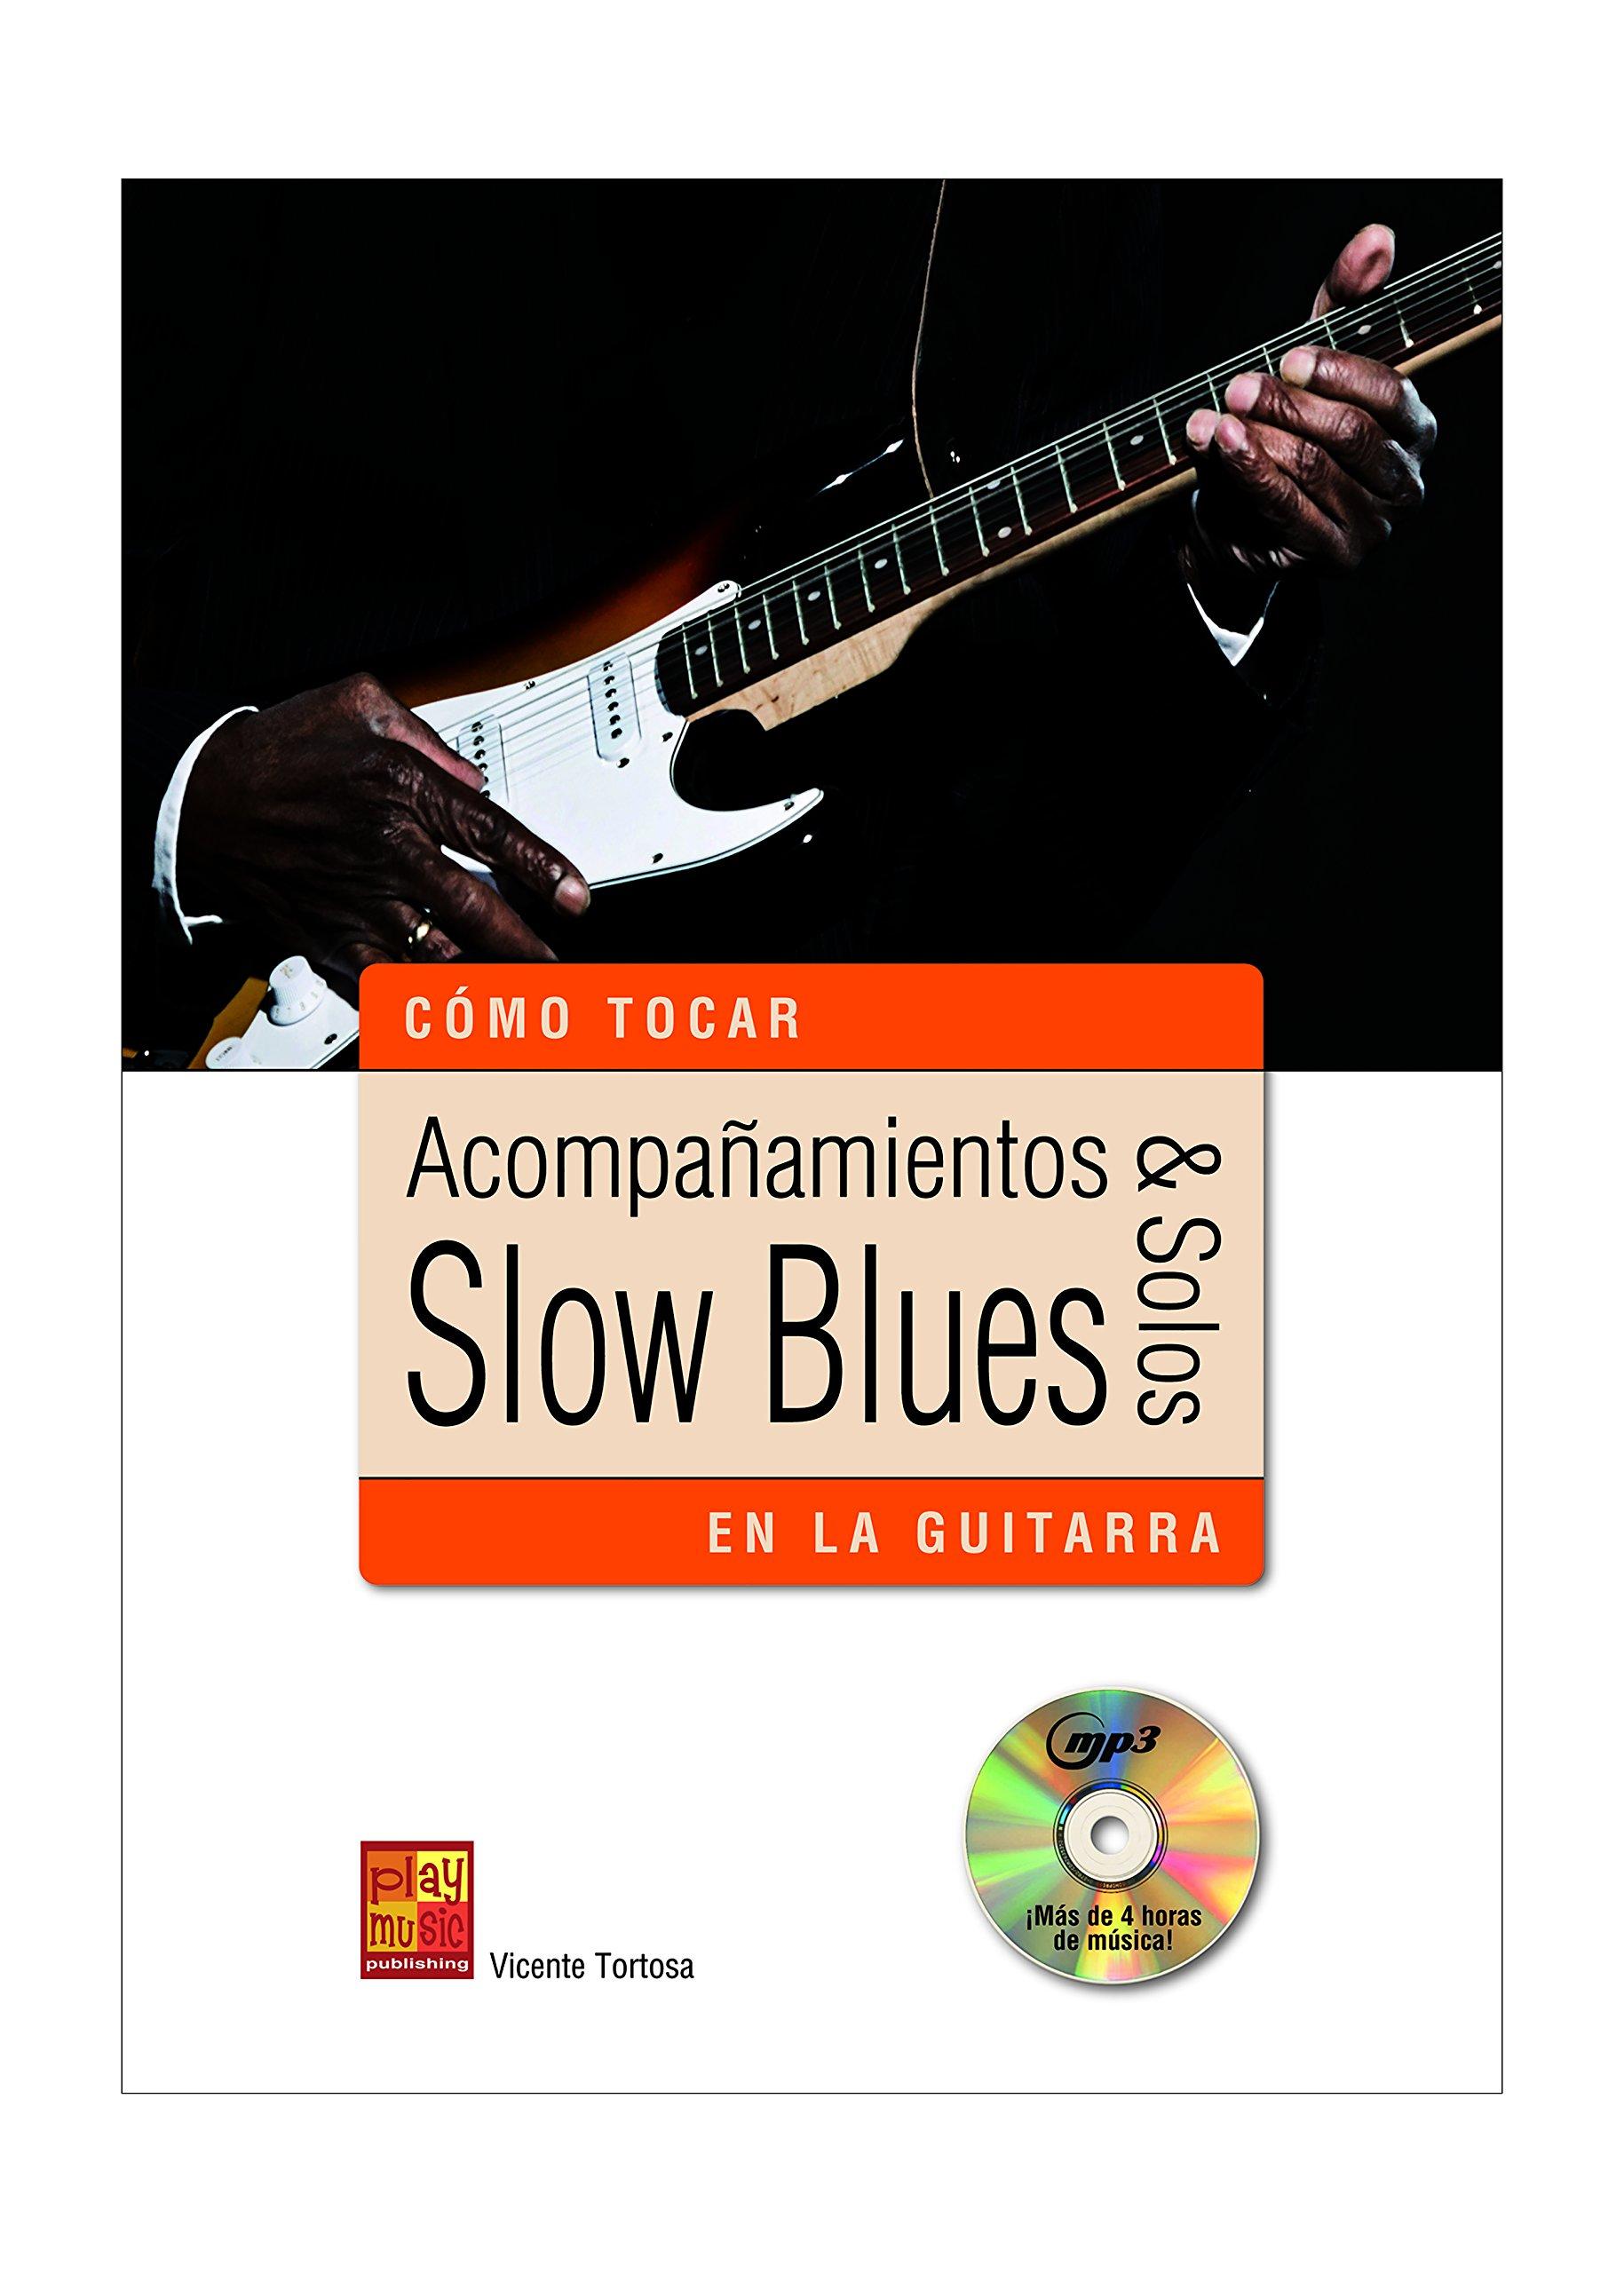 Acompañamientos y solos slow blues en la guitarra - 1 Libro + 1 CD: Amazon.es: Vicente Tortosa: Libros